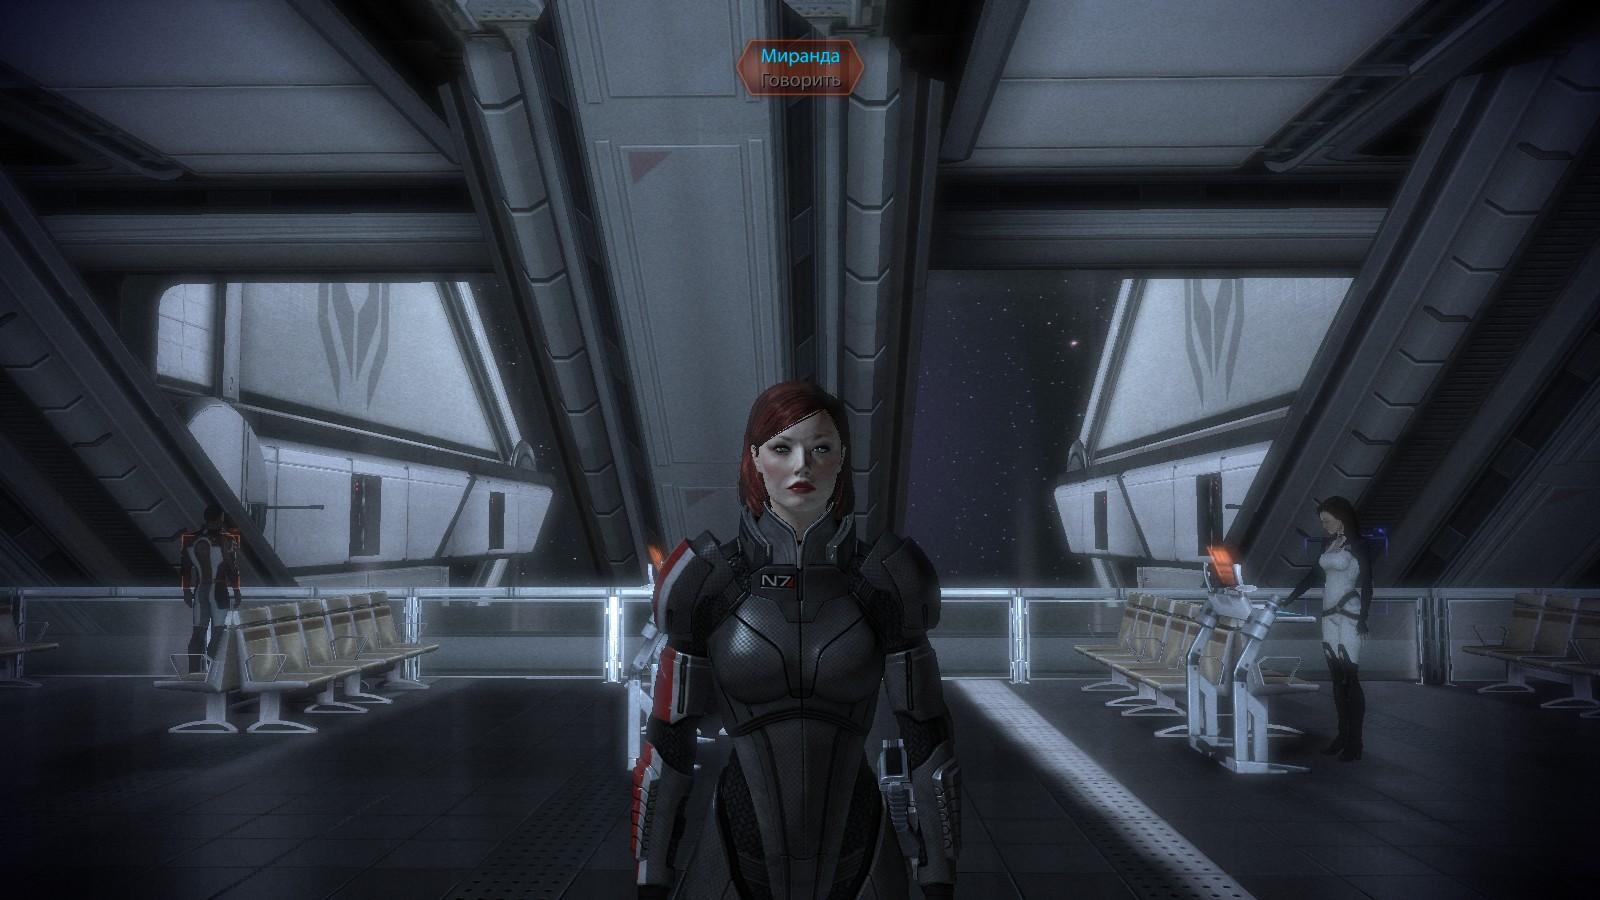 2015-10-05_00004.jpg - Mass Effect 2 game girls